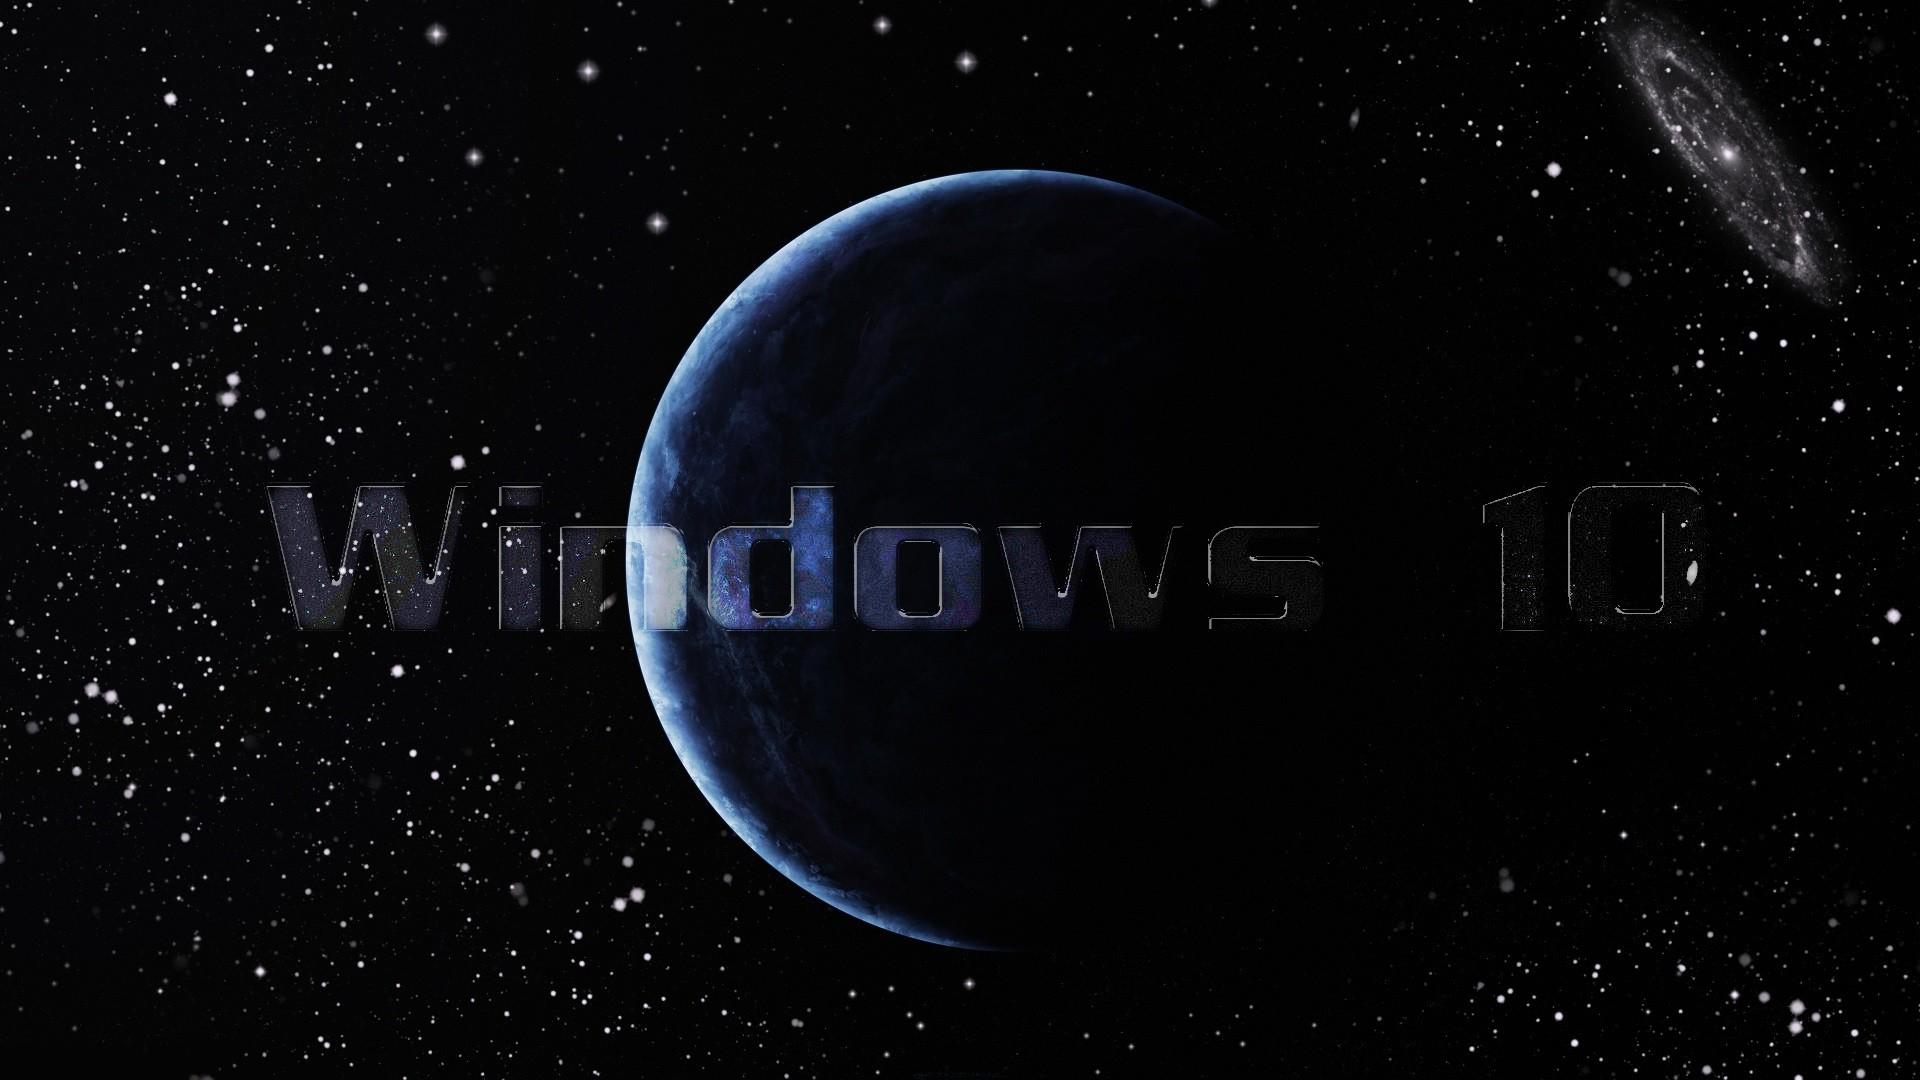 Windows 10 Desktop Is Black 18 Cool Hd Wallpaper. Windows 10 Desktop Is  Black 18 Cool Hd Wallpaper